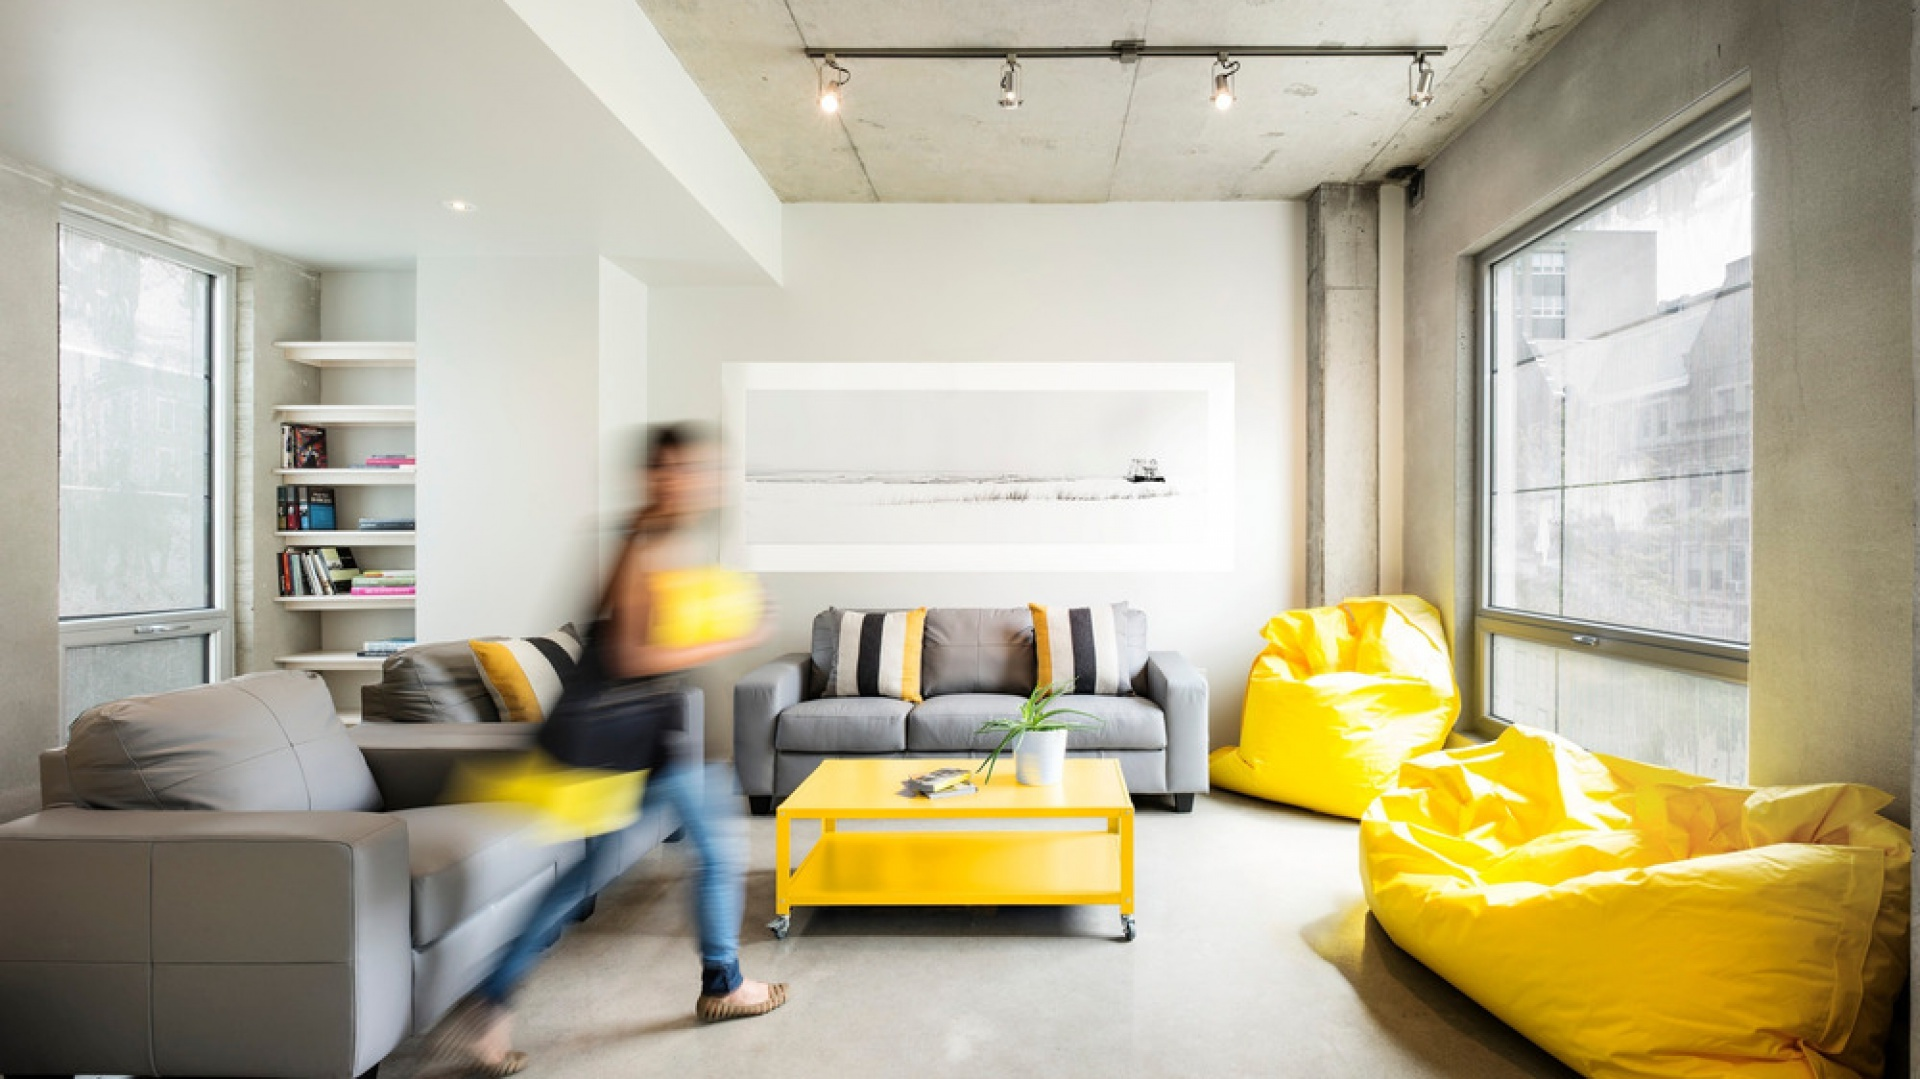 Pomiędzy fasadami budynku, a jego wnętrzem zachowano niczym niezmąconą harmonię. W salonie również dominującym materiałem jest beton. Korespondują z nim szare meble wypoczynkowe, a żółte elementy ożywiają aranżację. Projekt: KANVA. Fot. Marc Cramer.